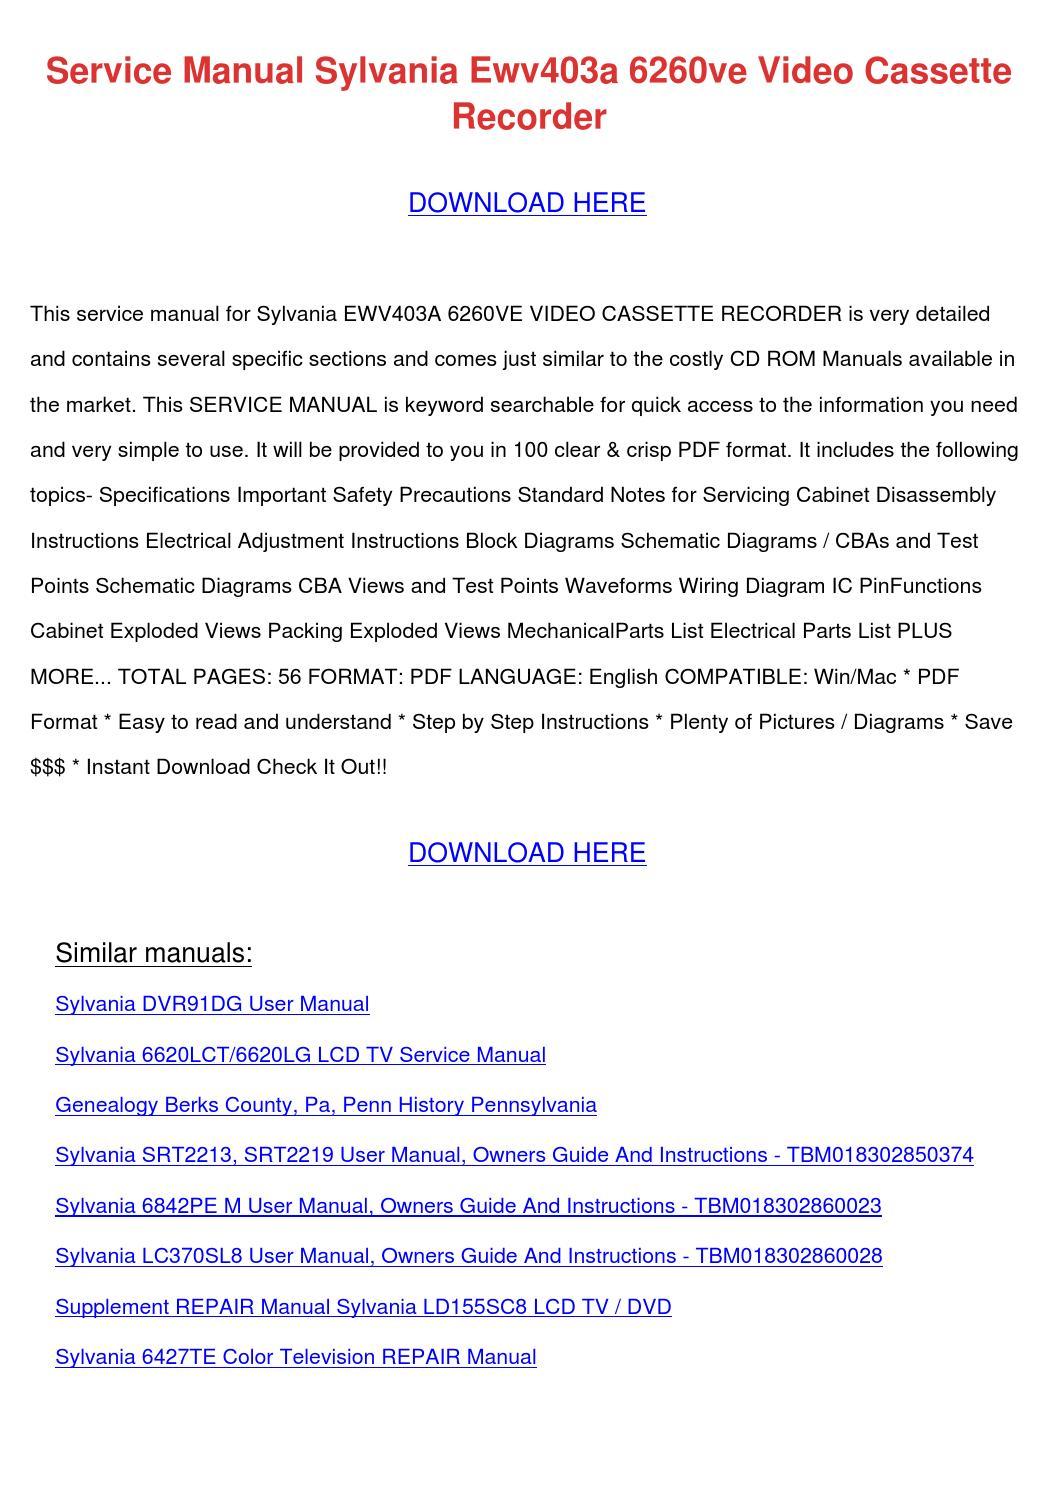 Service Manual Sylvania Ewv403a 6260ve